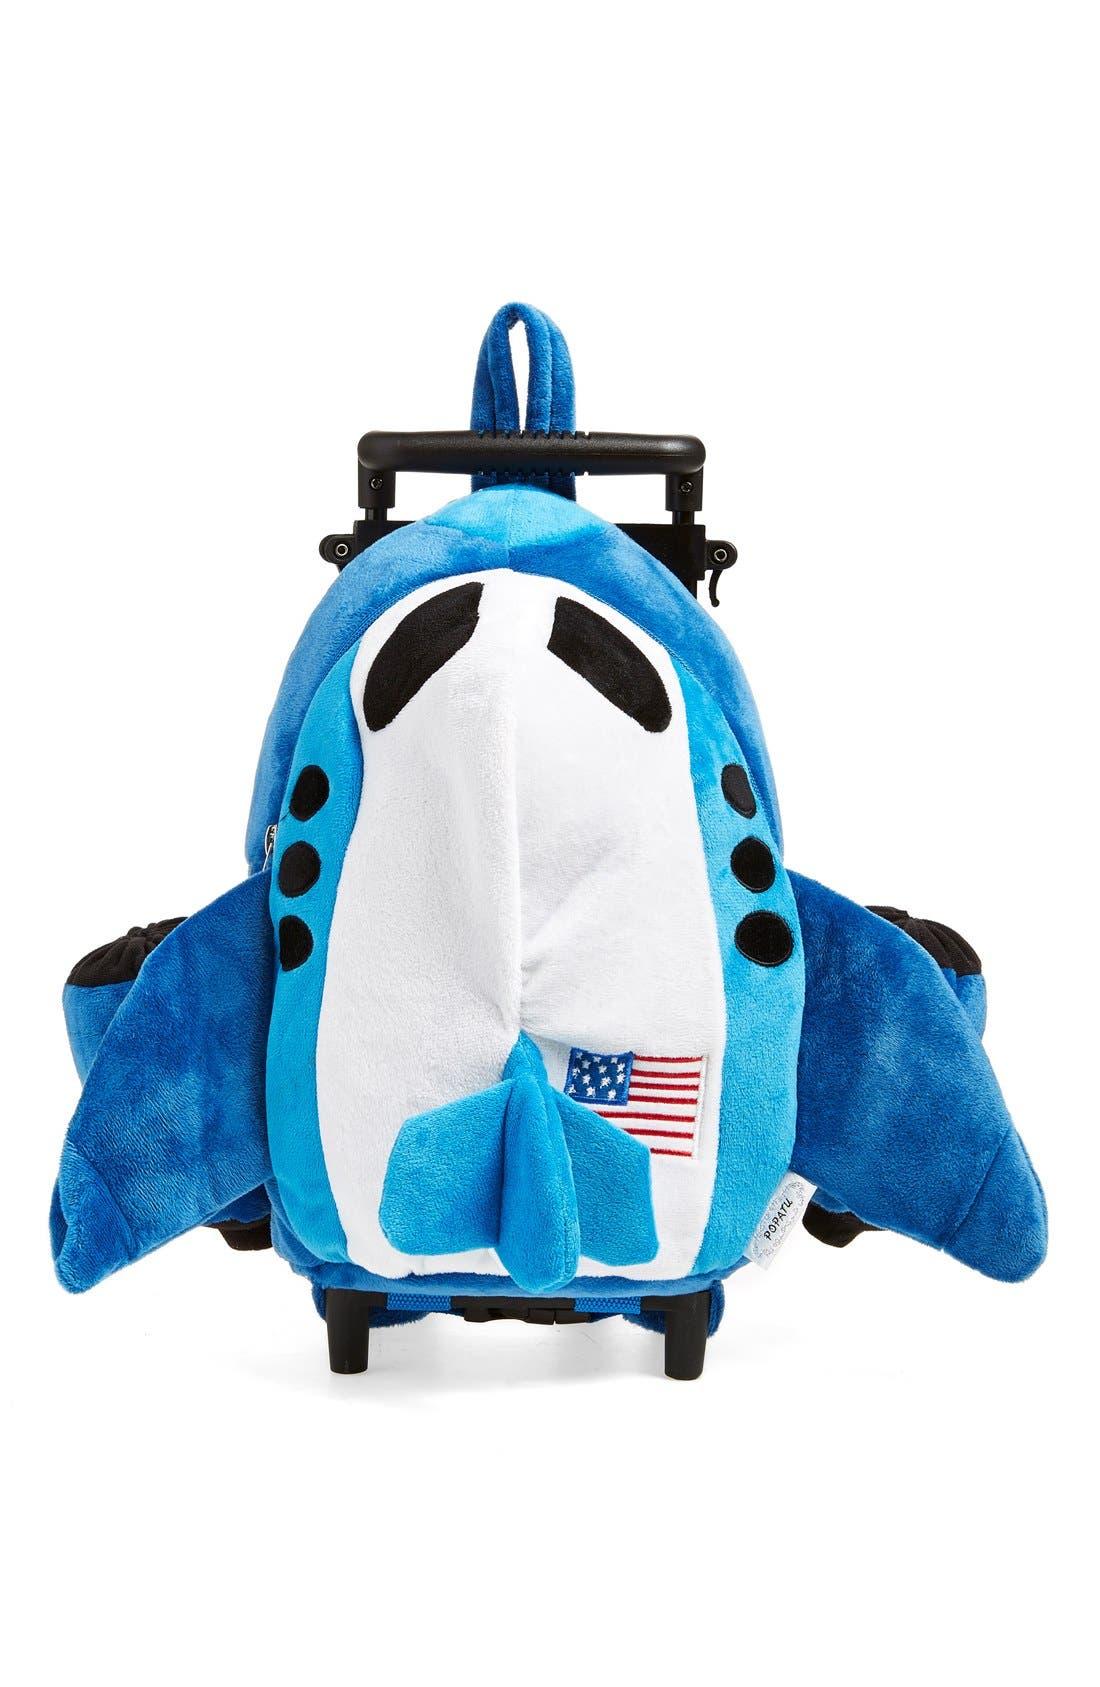 POPATU 'Trolley' Rolling Backpack